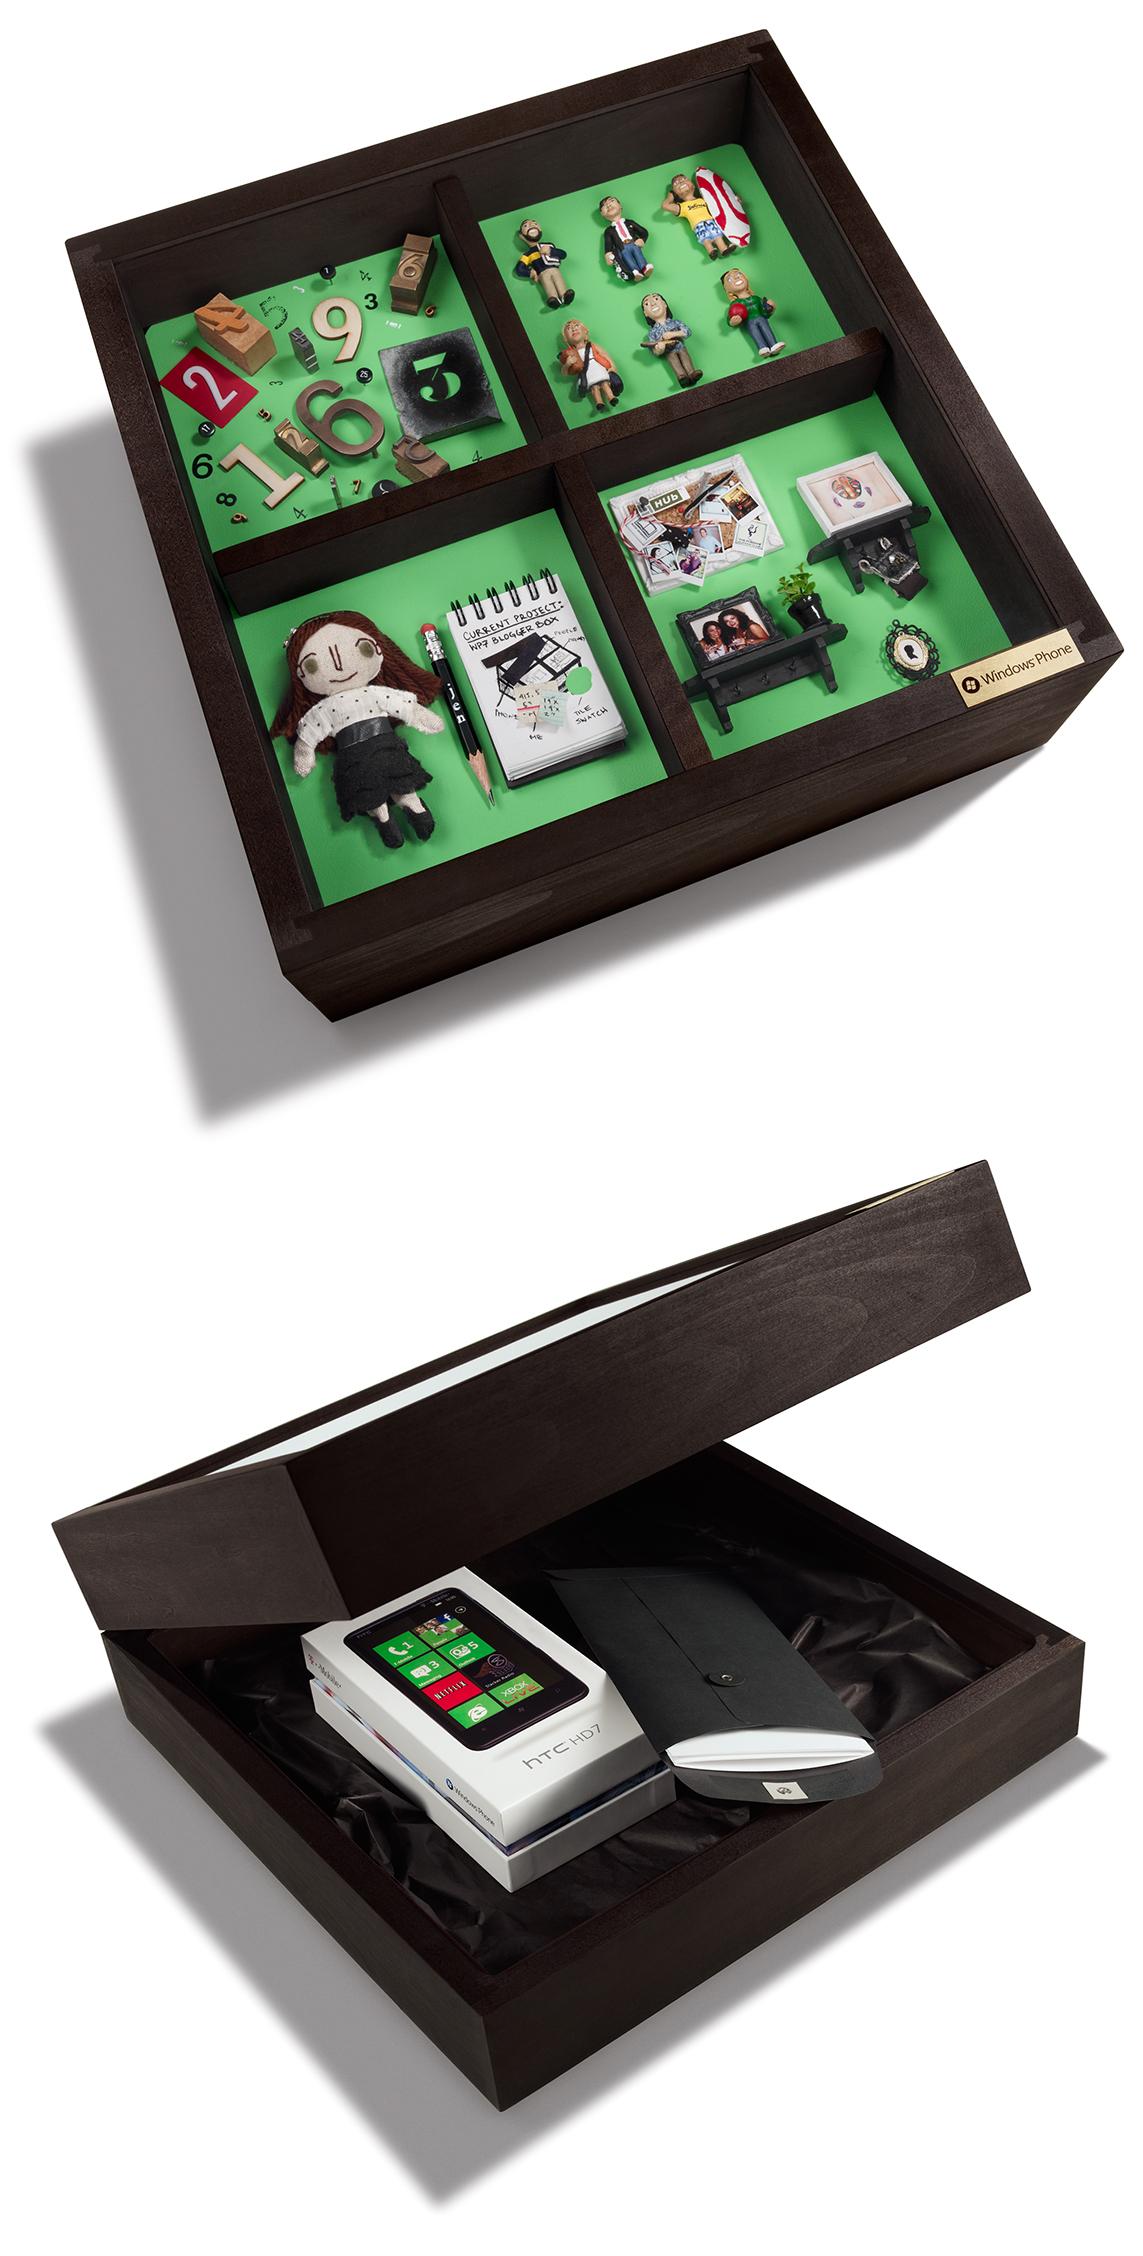 MicrosoftShadowbox